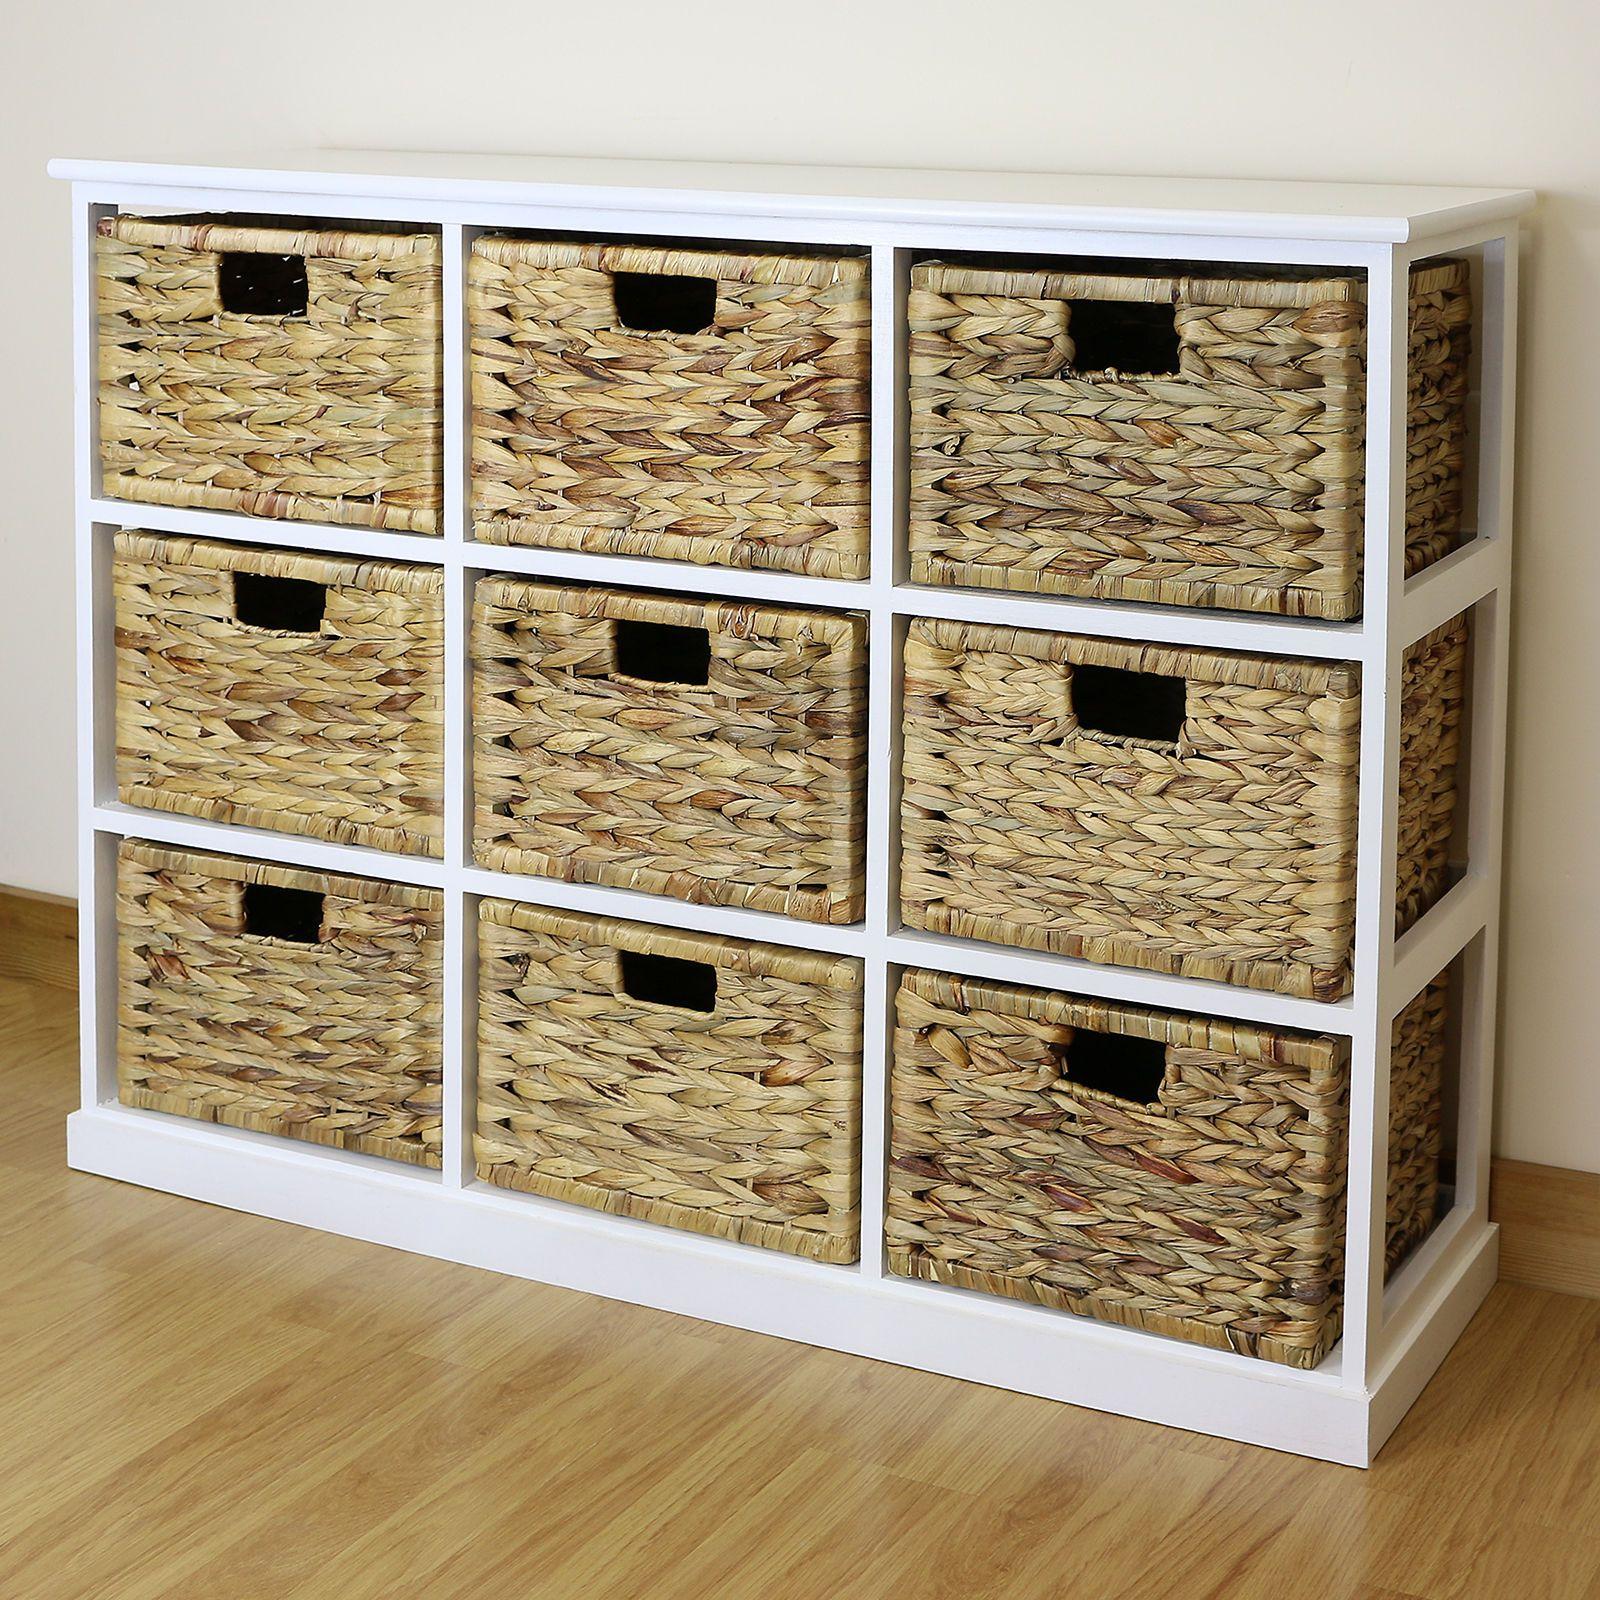 Bedroom Bedside Side Board Cabinet Wicker Baskets White And Natural Storage Unit For Sale Online Ebay Vintage Wicker Furniture Wicker Wicker Headboard [ 1600 x 1600 Pixel ]